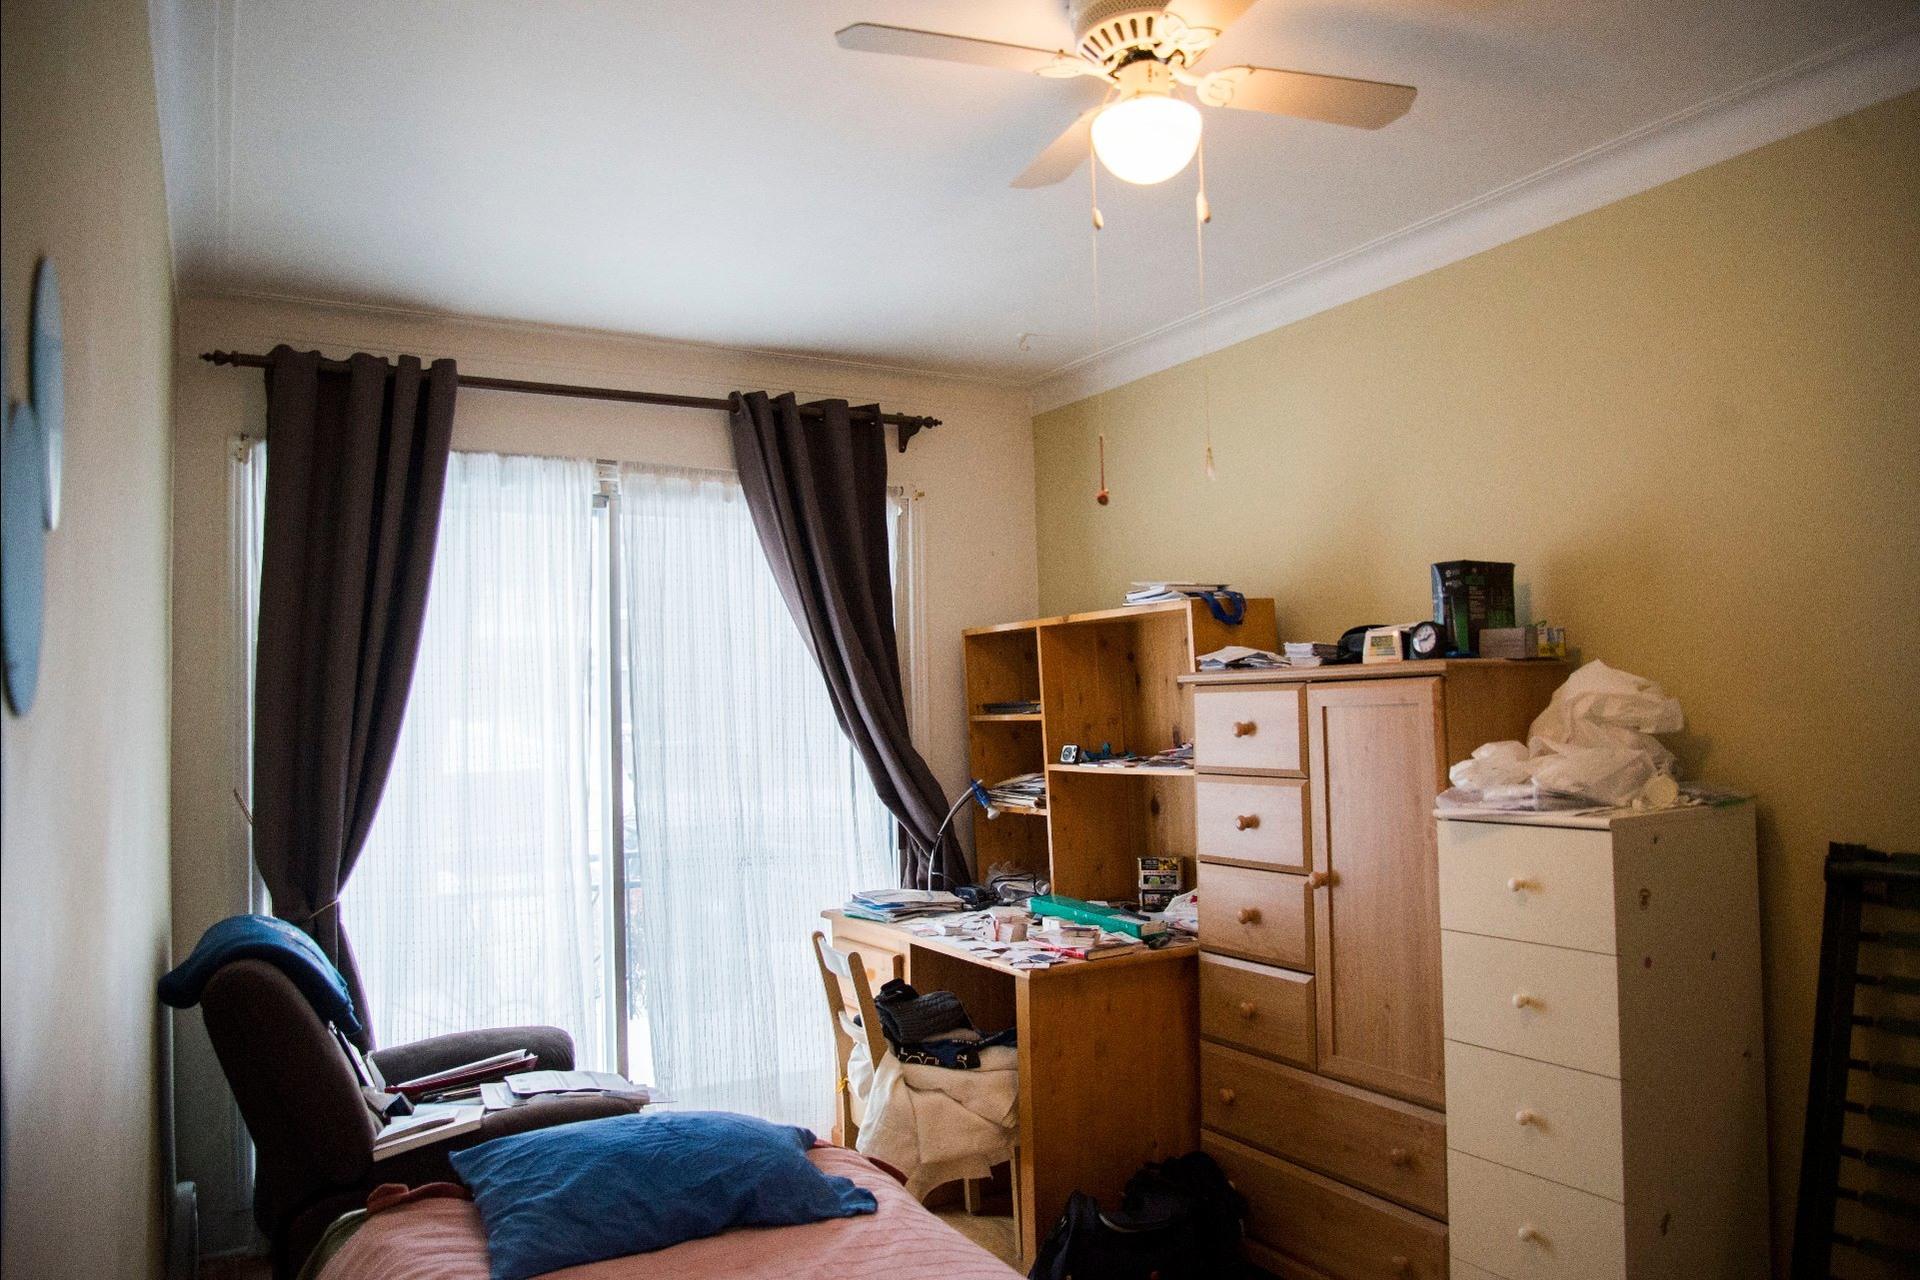 image 12 - Duplex À vendre Villeray/Saint-Michel/Parc-Extension Montréal  - 5 pièces